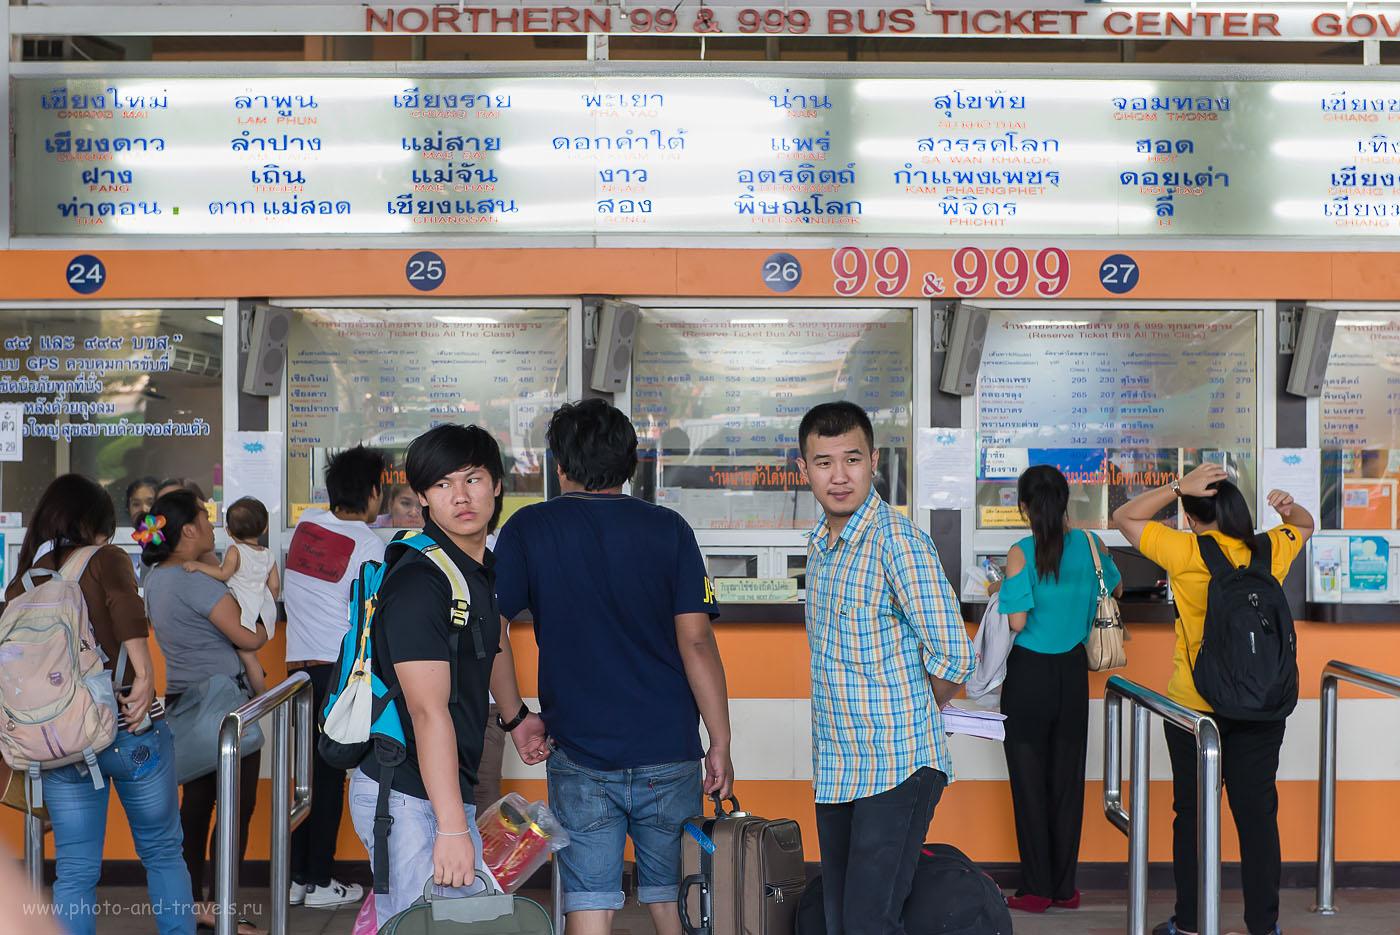 Фотография 7. В кассах Северного автовокзала около Mo Chit (Chatuchak) в Бангкоке. Отчет о путешествии по Таиланду дикарем.